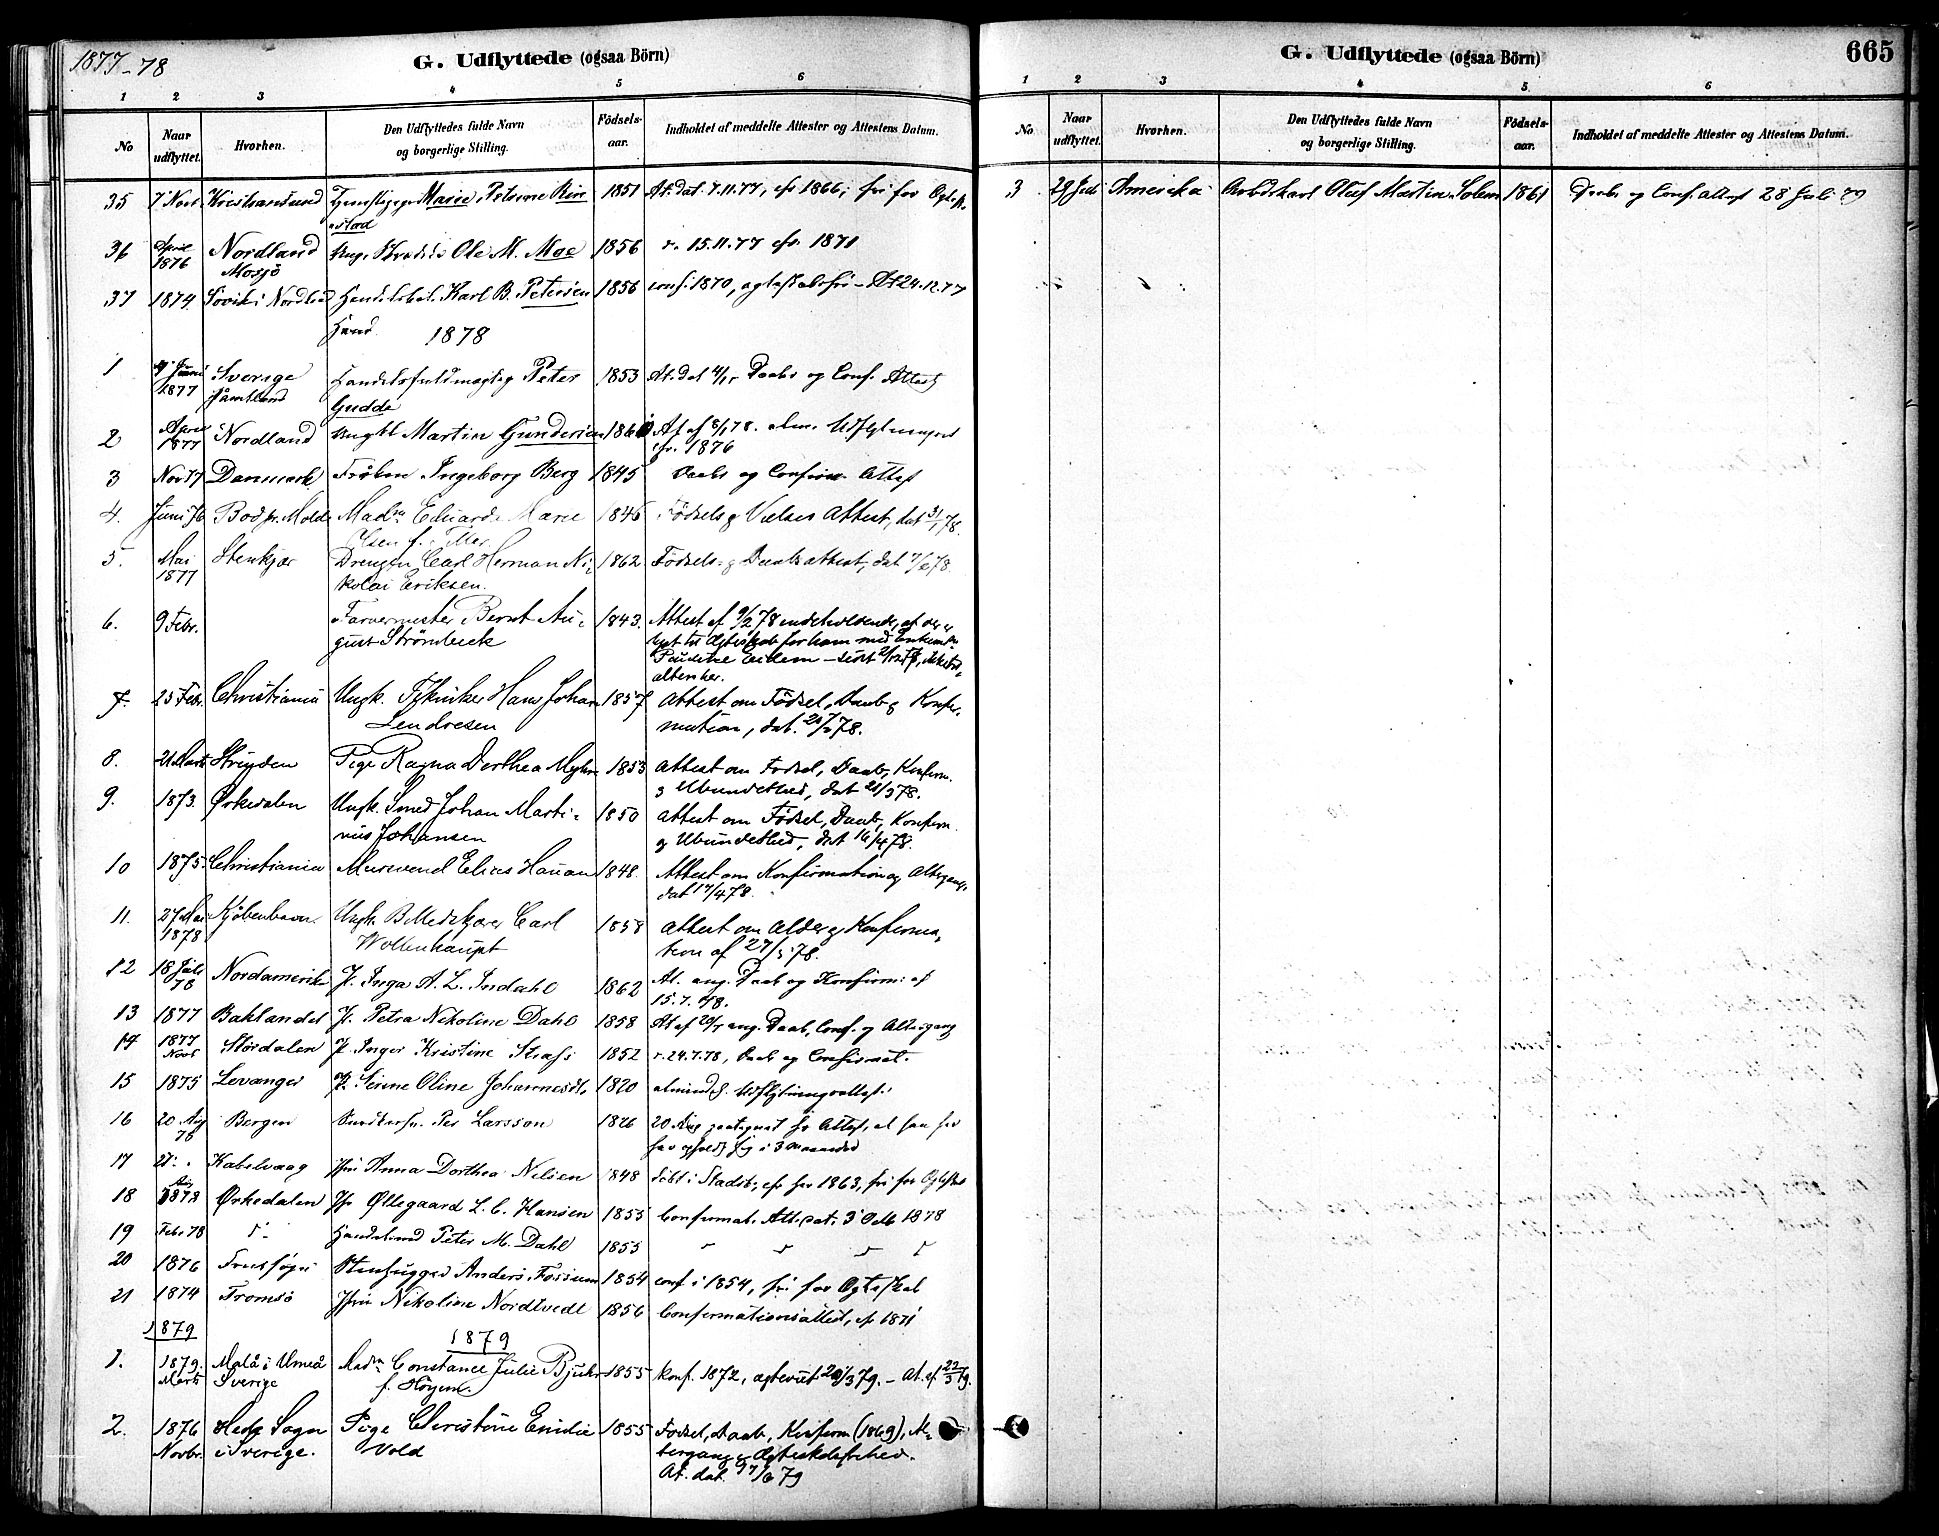 SAT, Ministerialprotokoller, klokkerbøker og fødselsregistre - Sør-Trøndelag, 601/L0058: Ministerialbok nr. 601A26, 1877-1891, s. 665